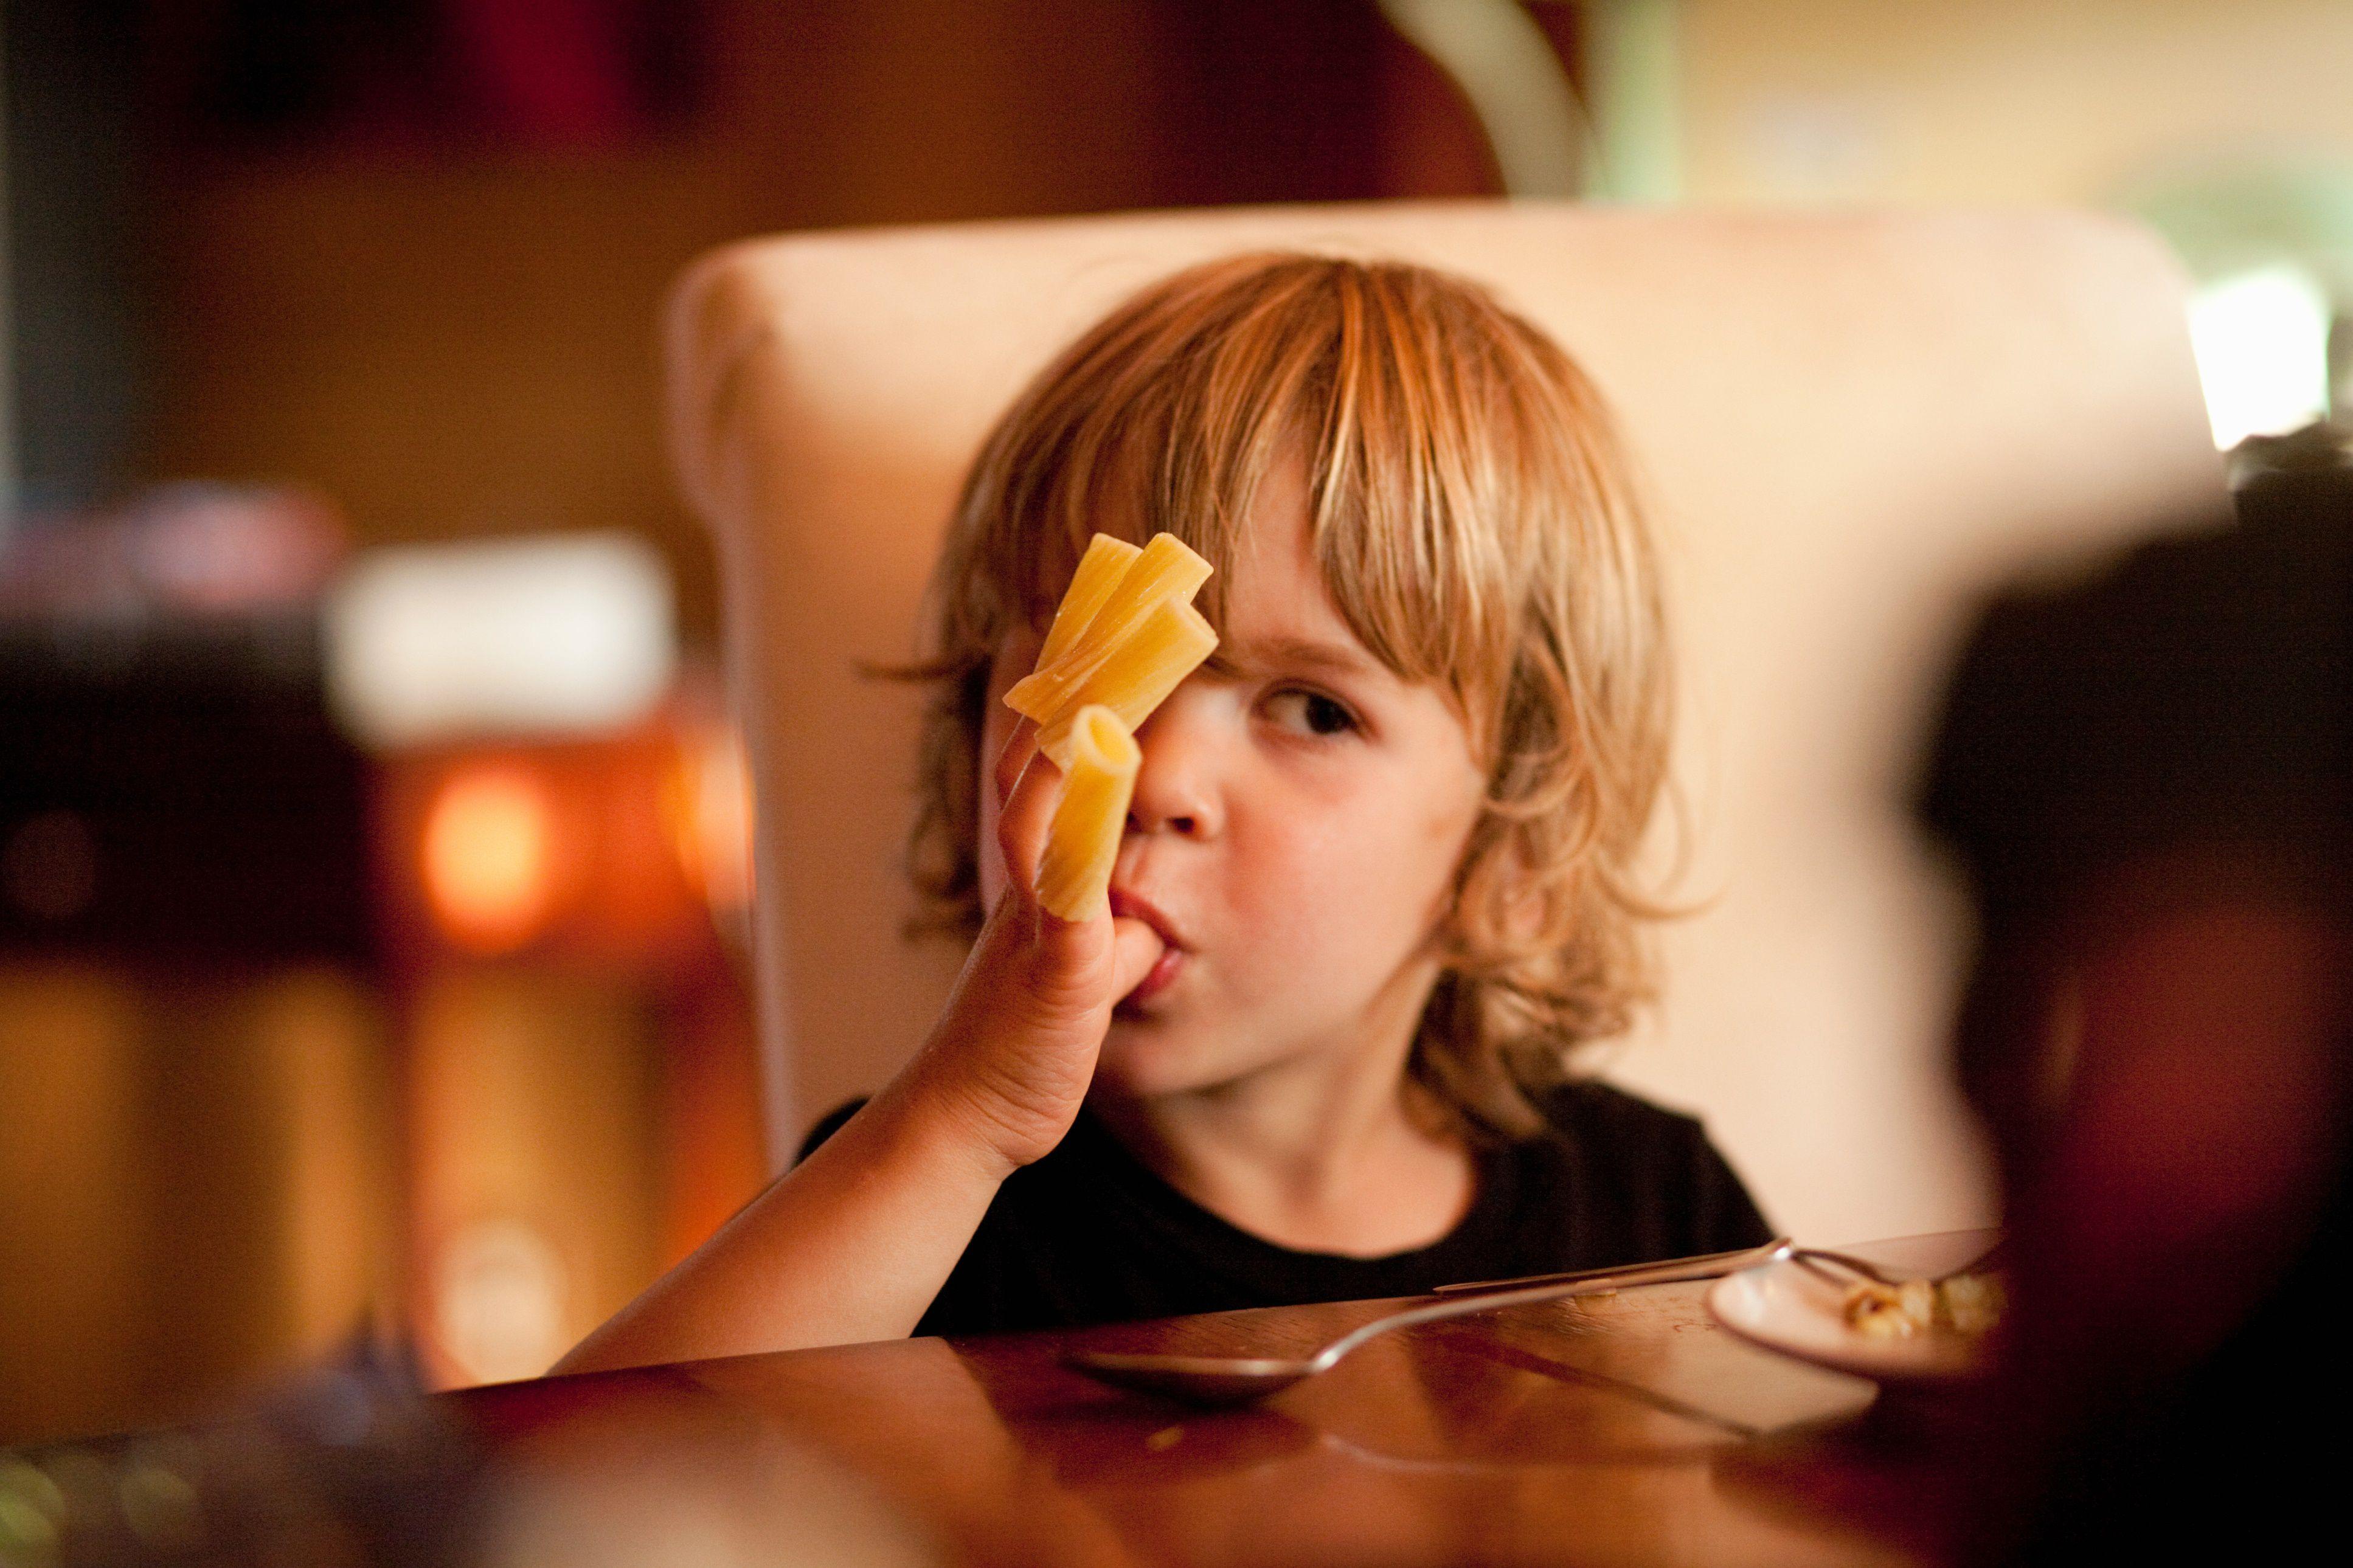 7 Ways Parents Encourage Bad Behavior in Kids